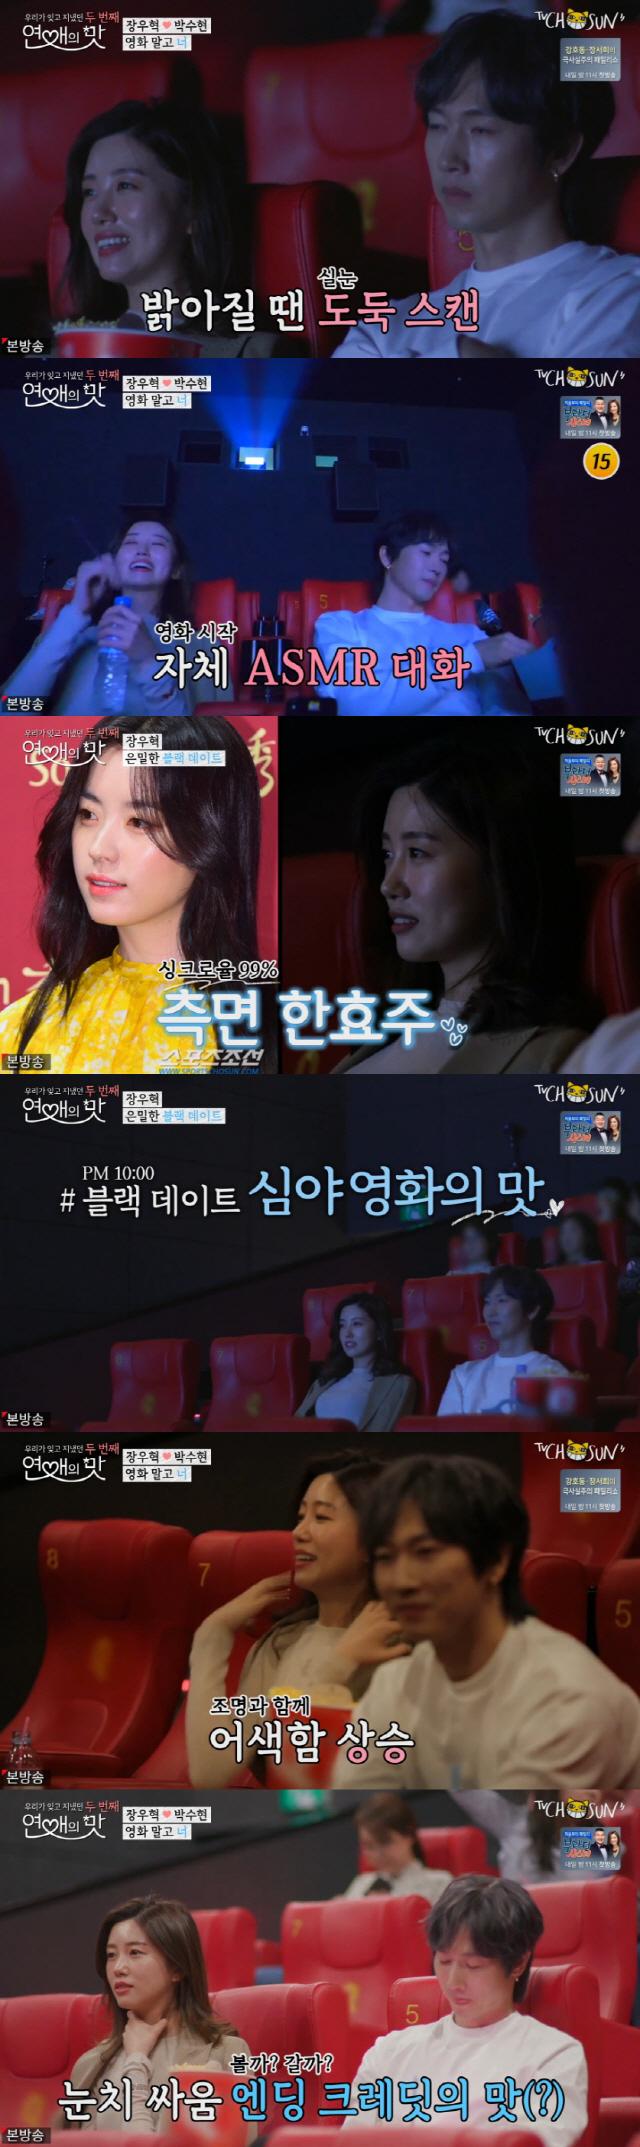 '연애의 맛2' 장우혁, 박수현과 첫 데이트…한효주 닮은꼴 외모로 '눈길'